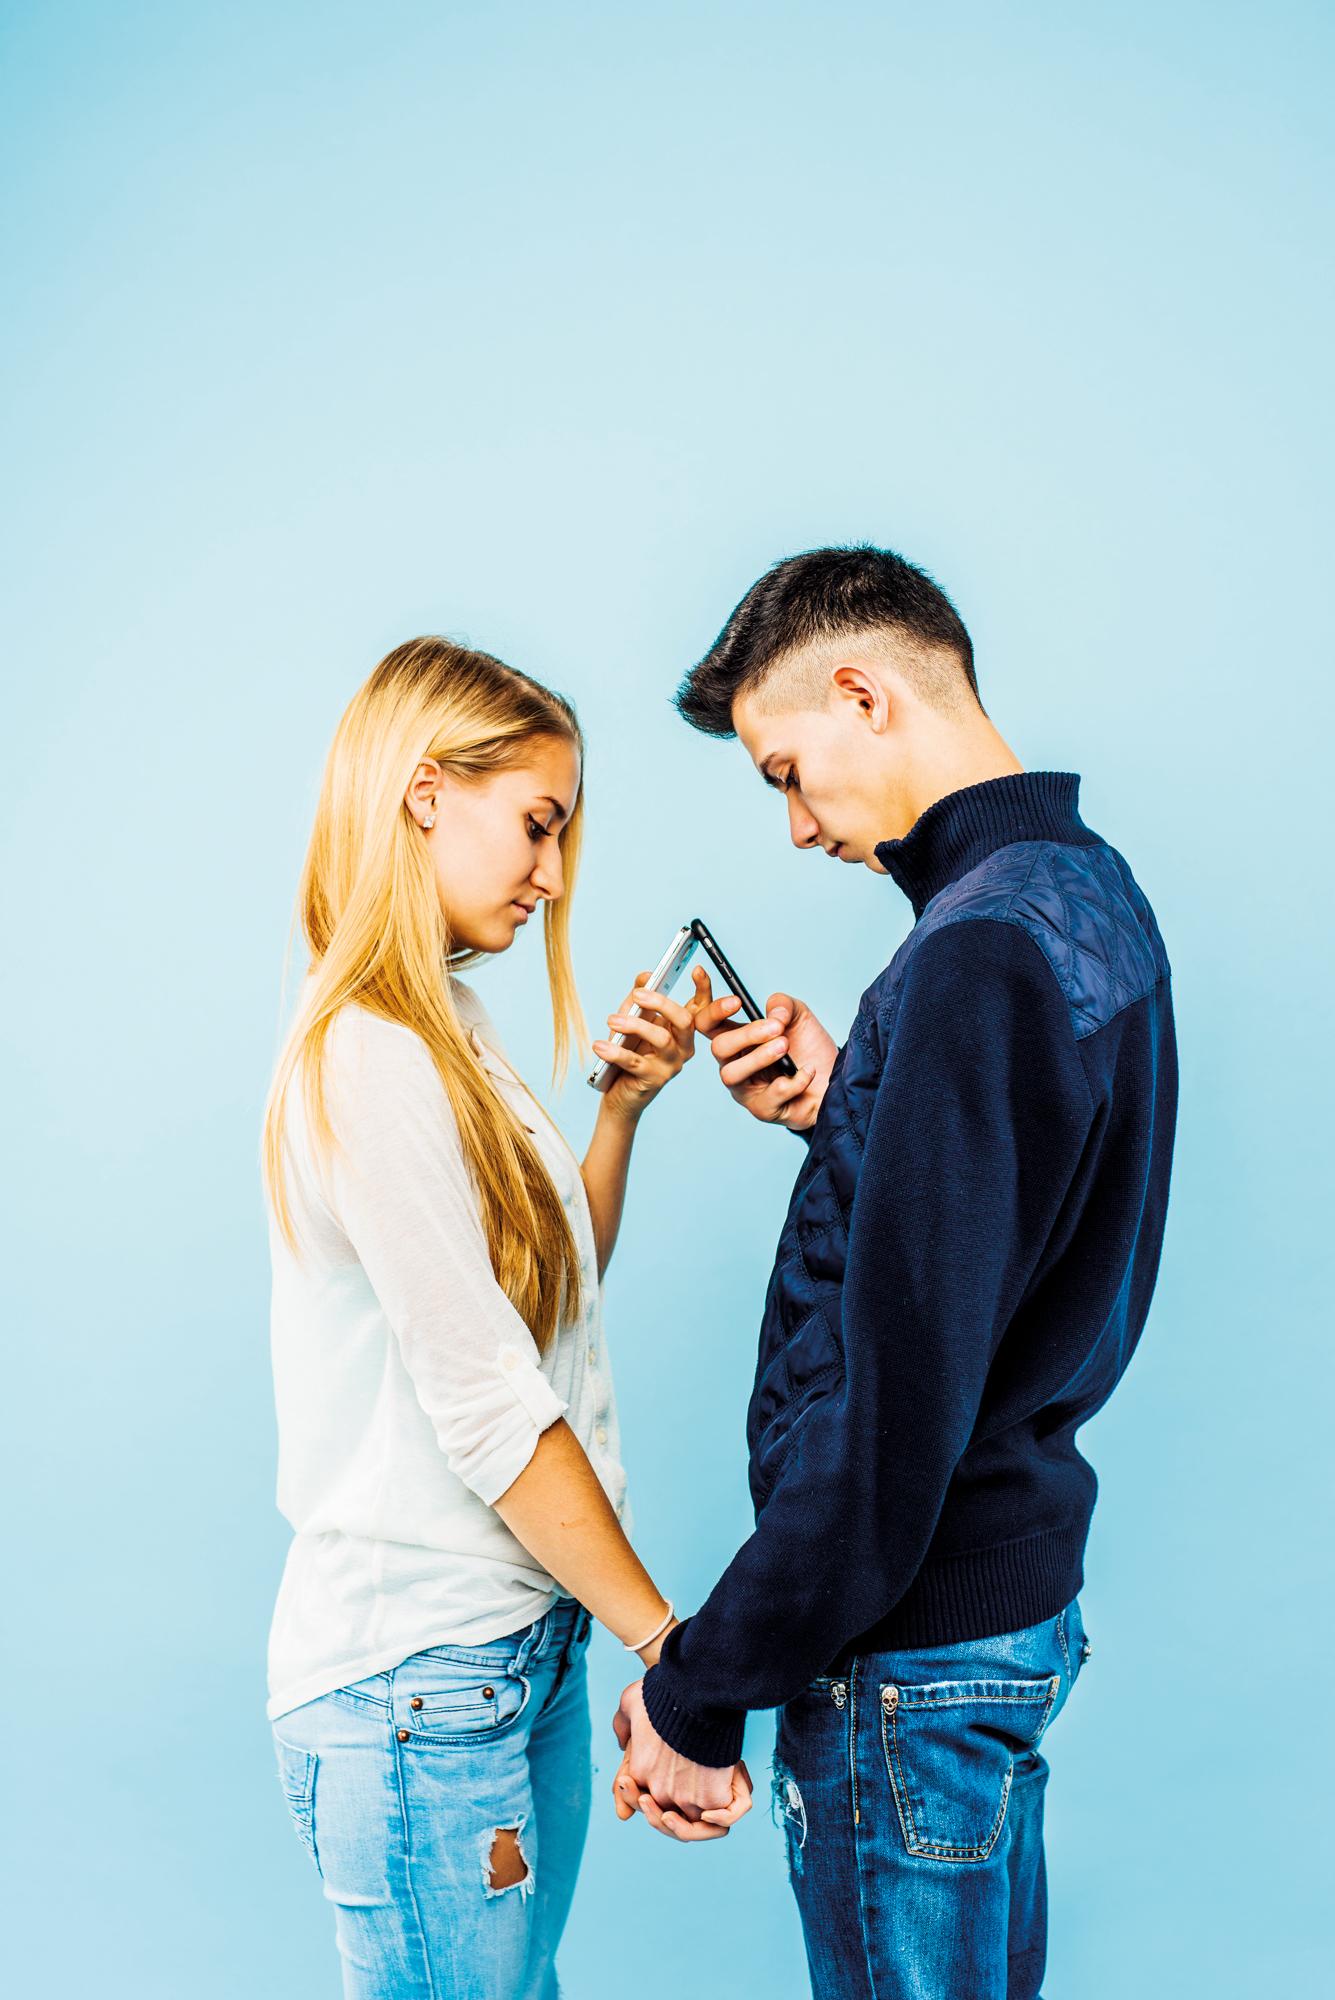 Eifersucht, Paar, Beziehung, Streit